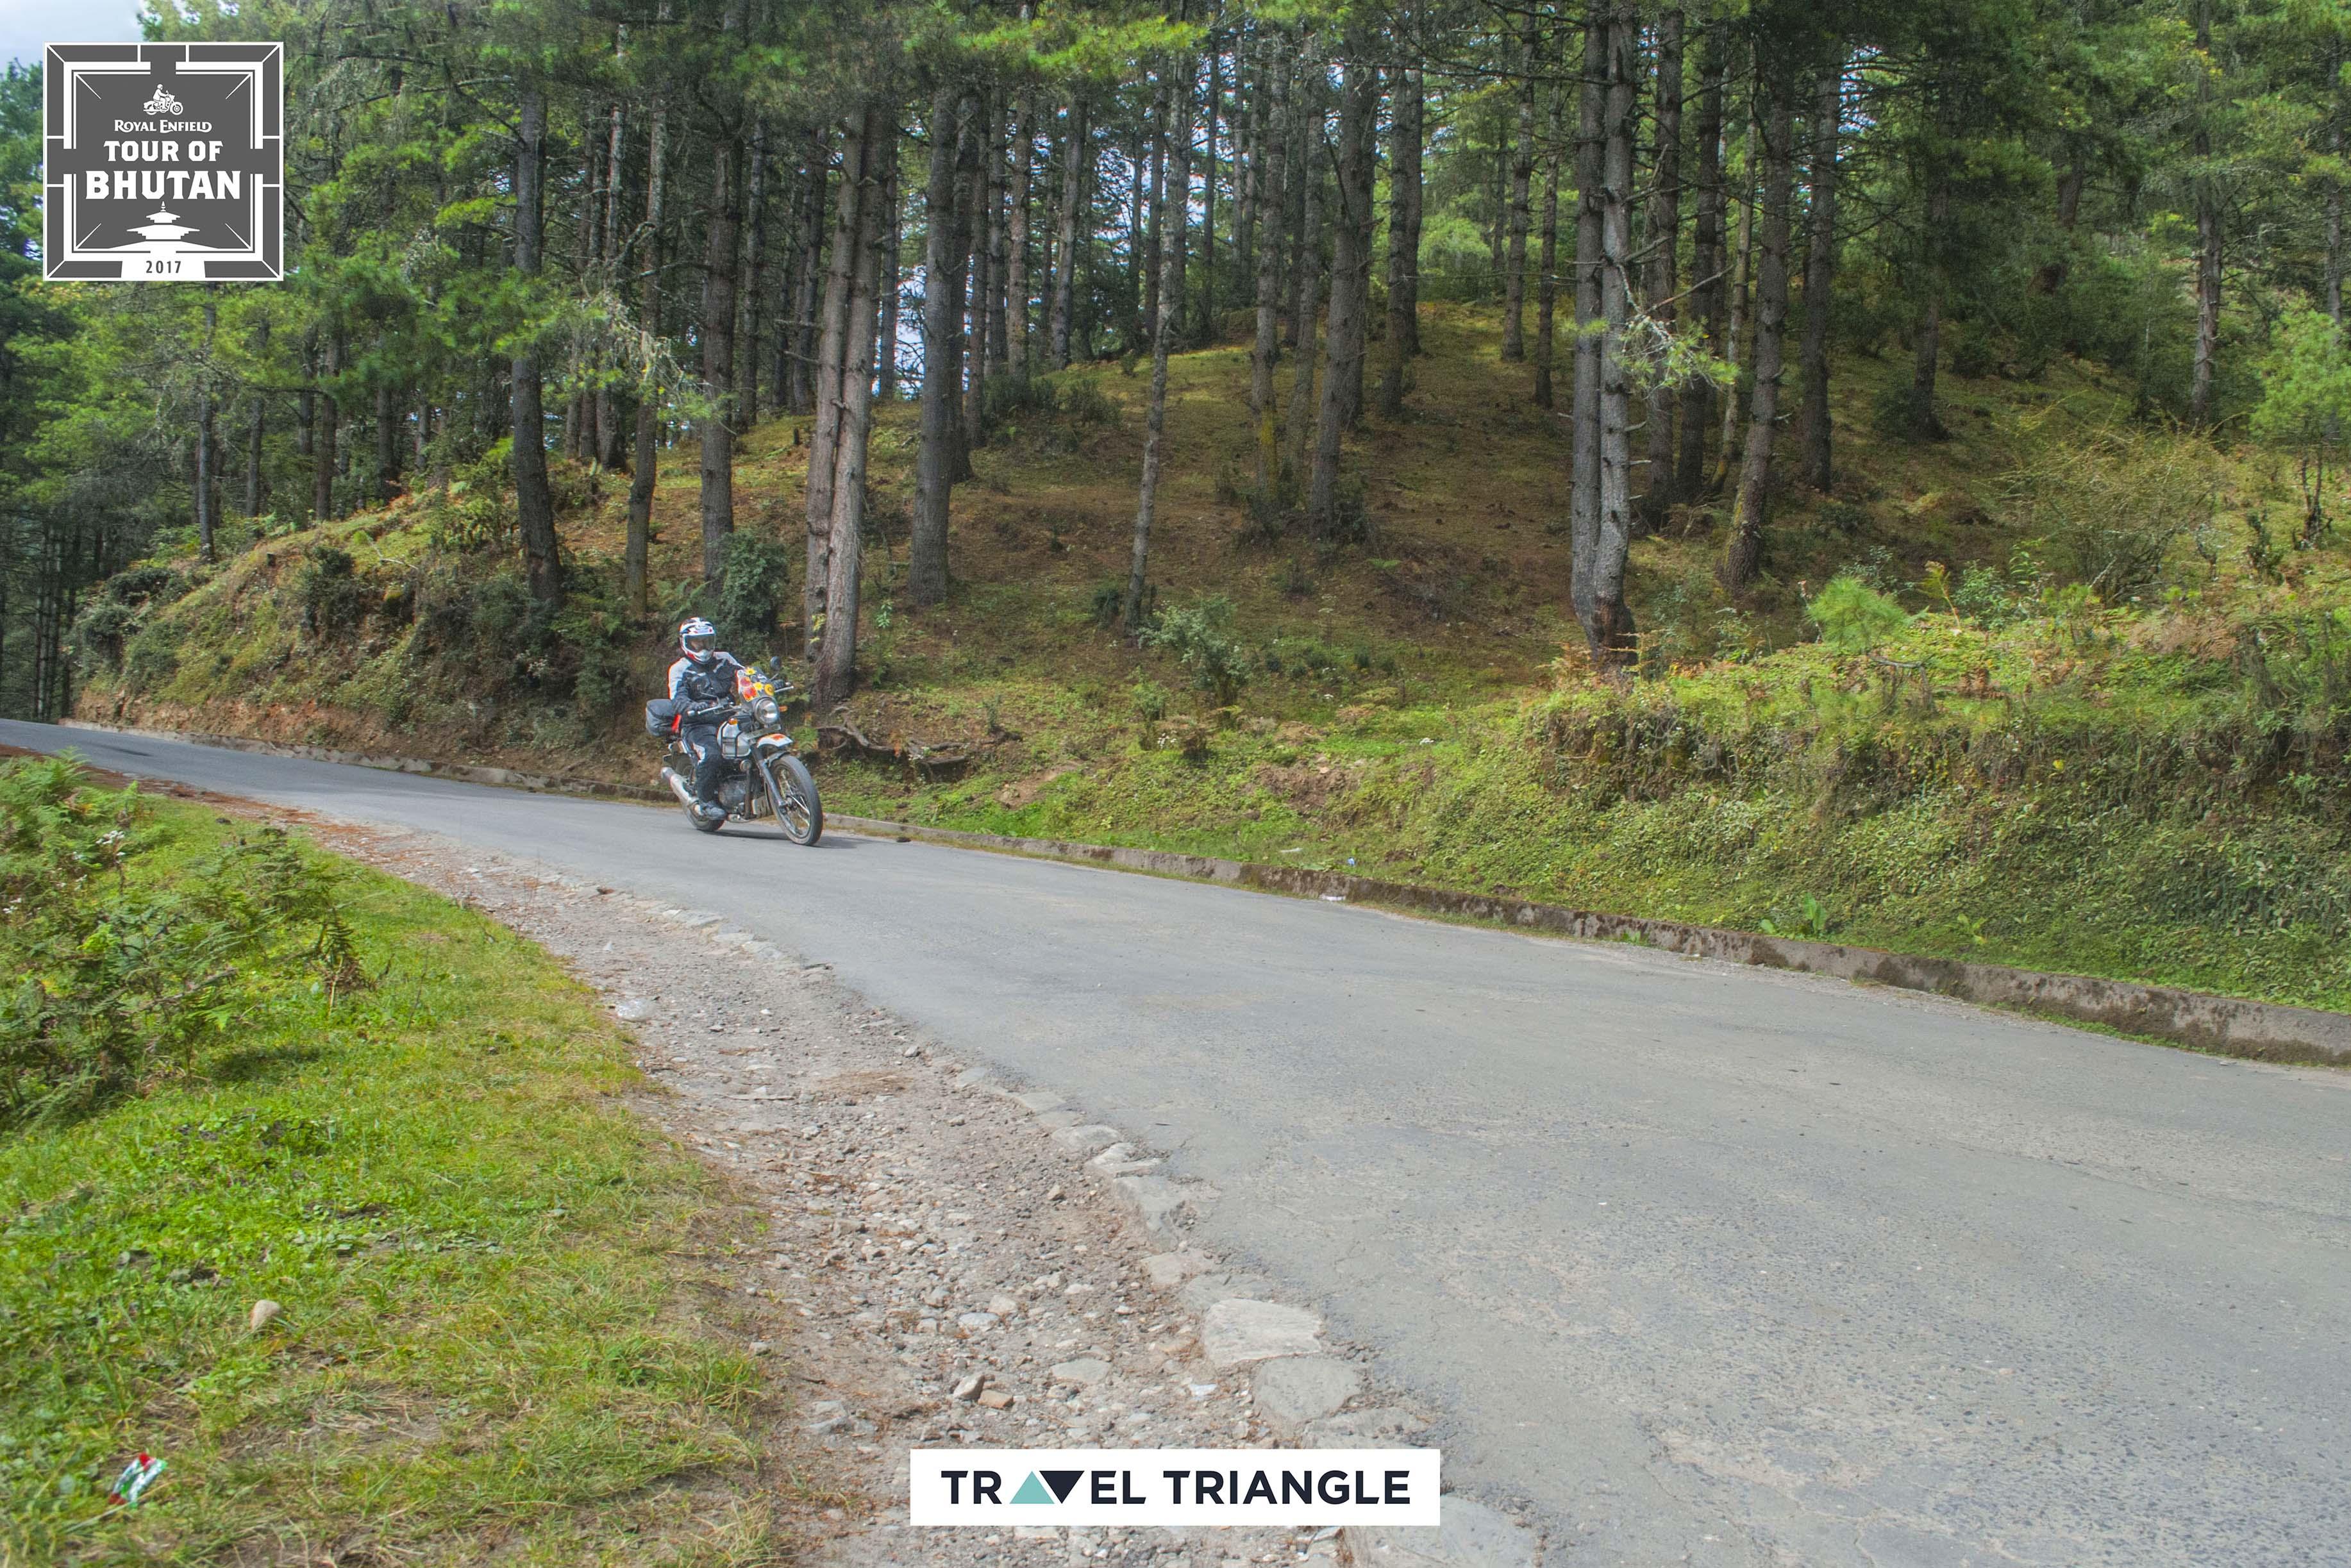 Punakha to Phobjikha: riding through lush forests